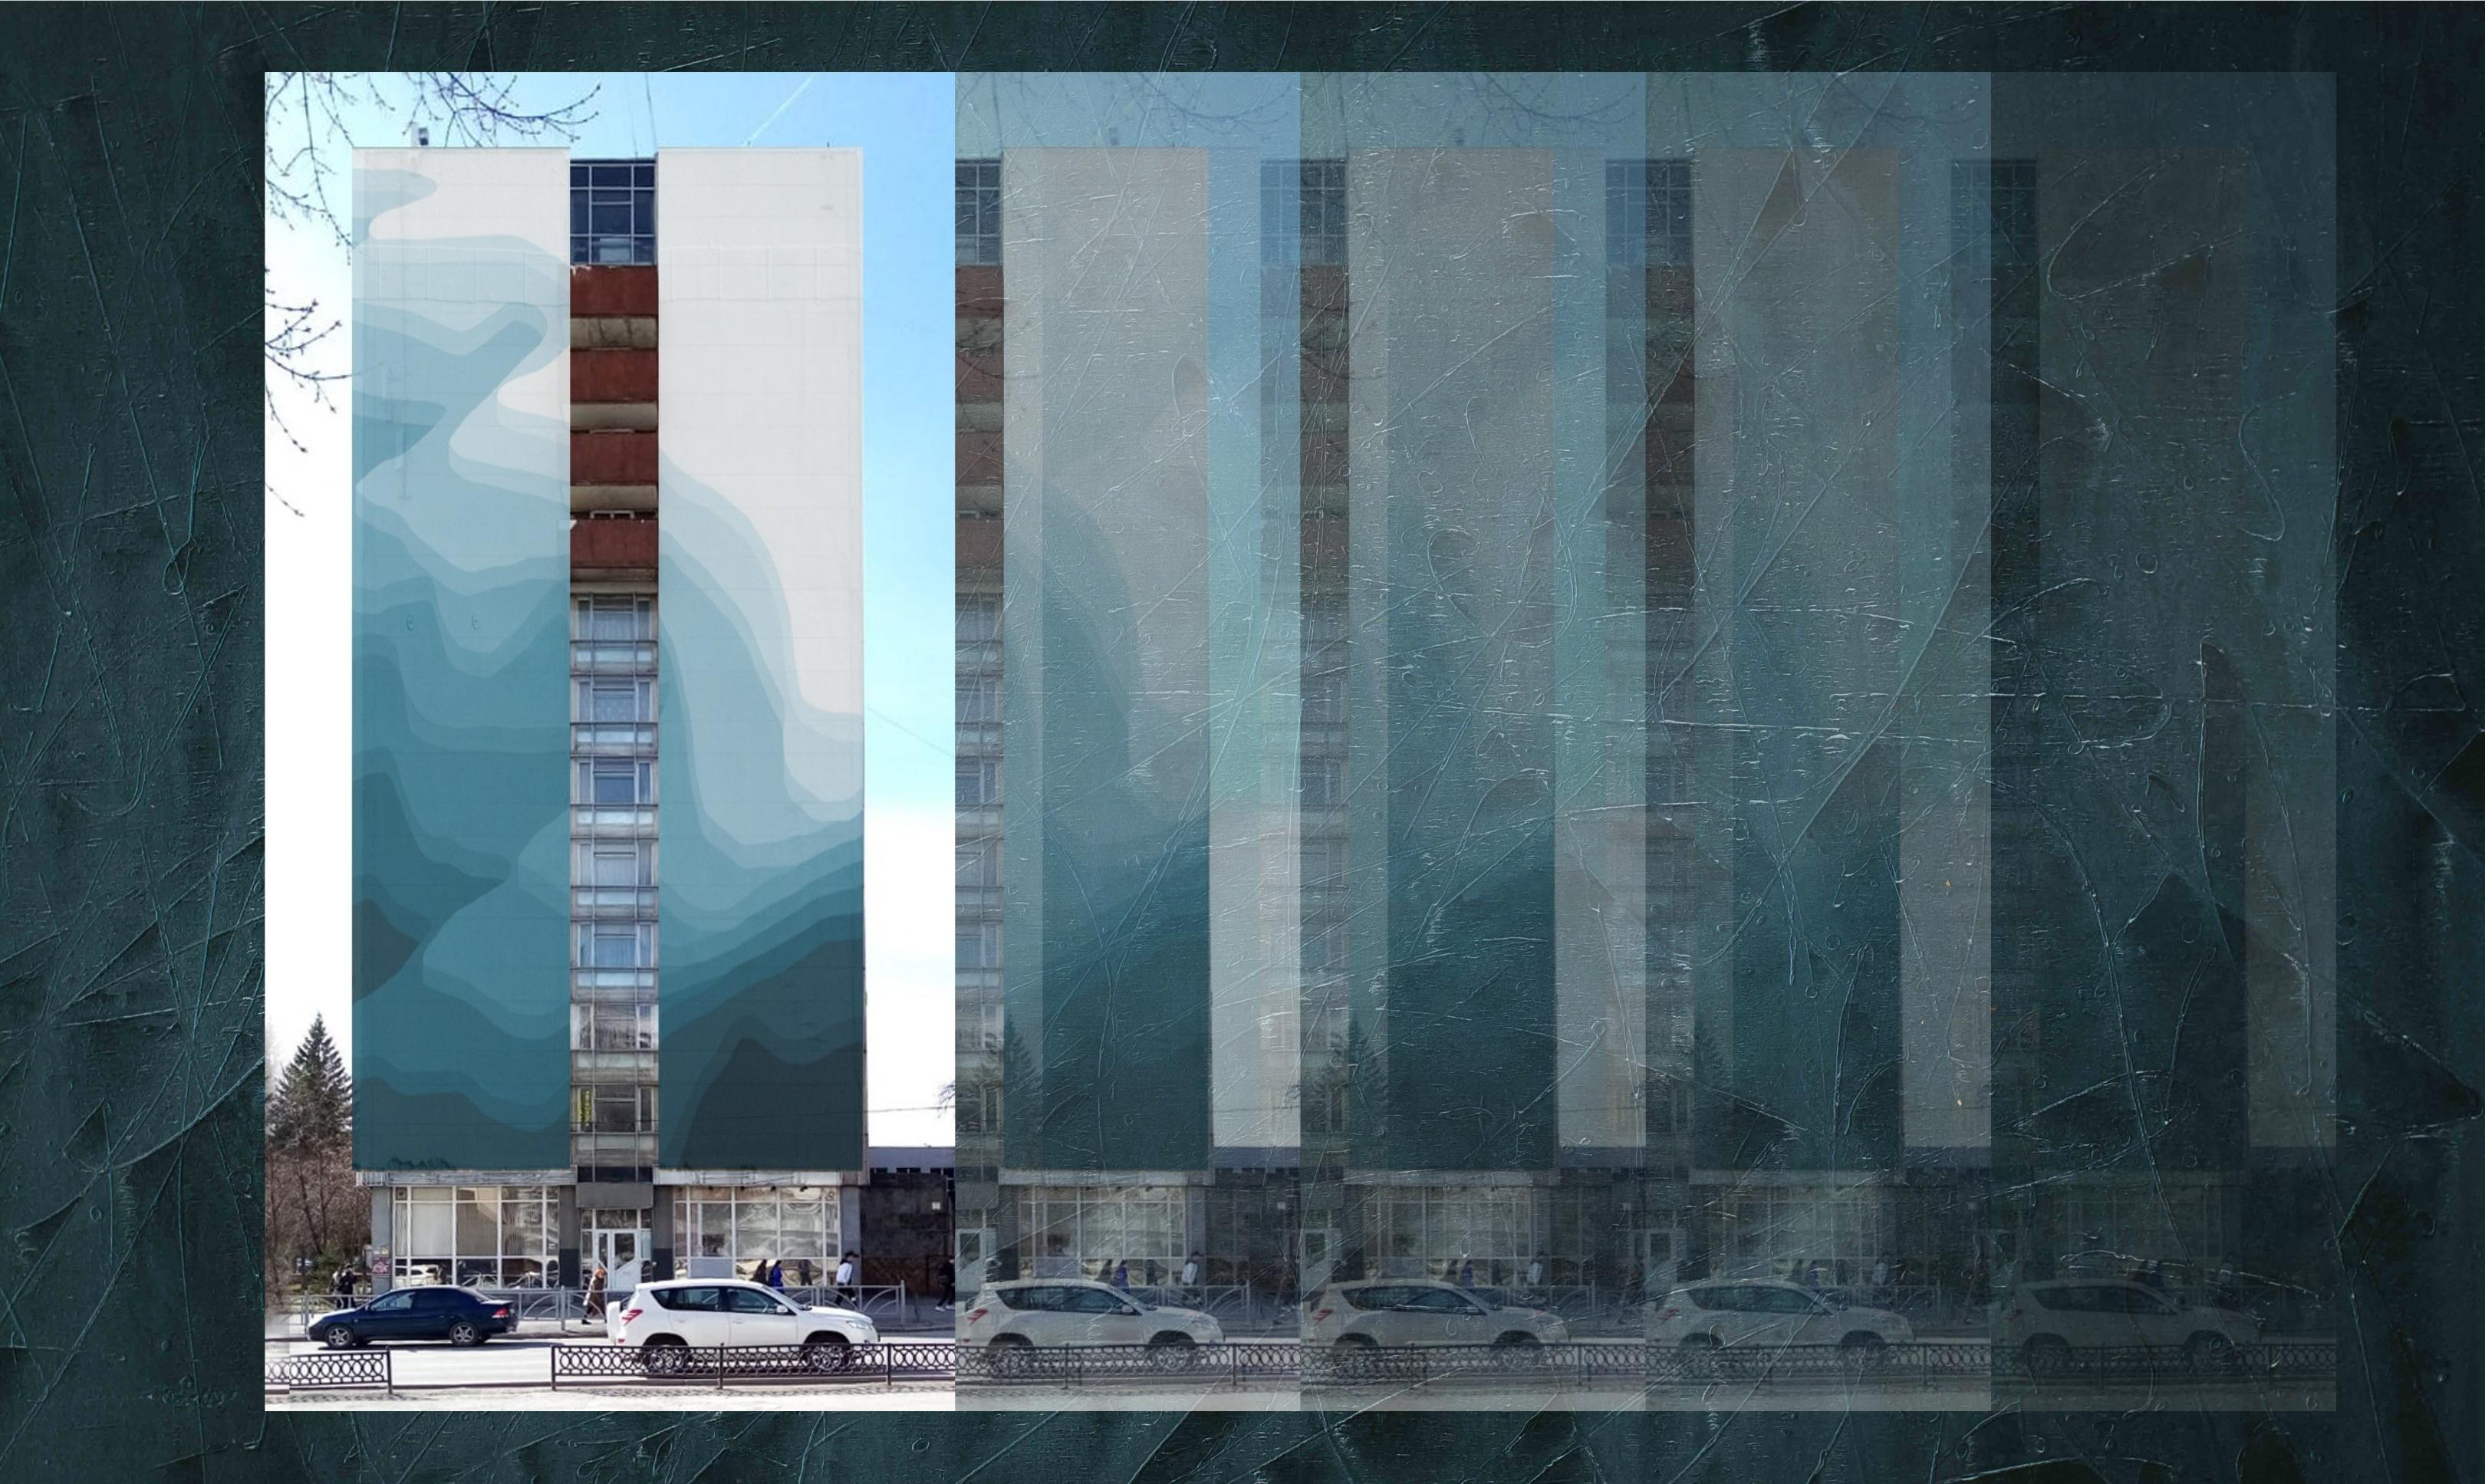 Студенческое общежитие города превратят в арт-объект